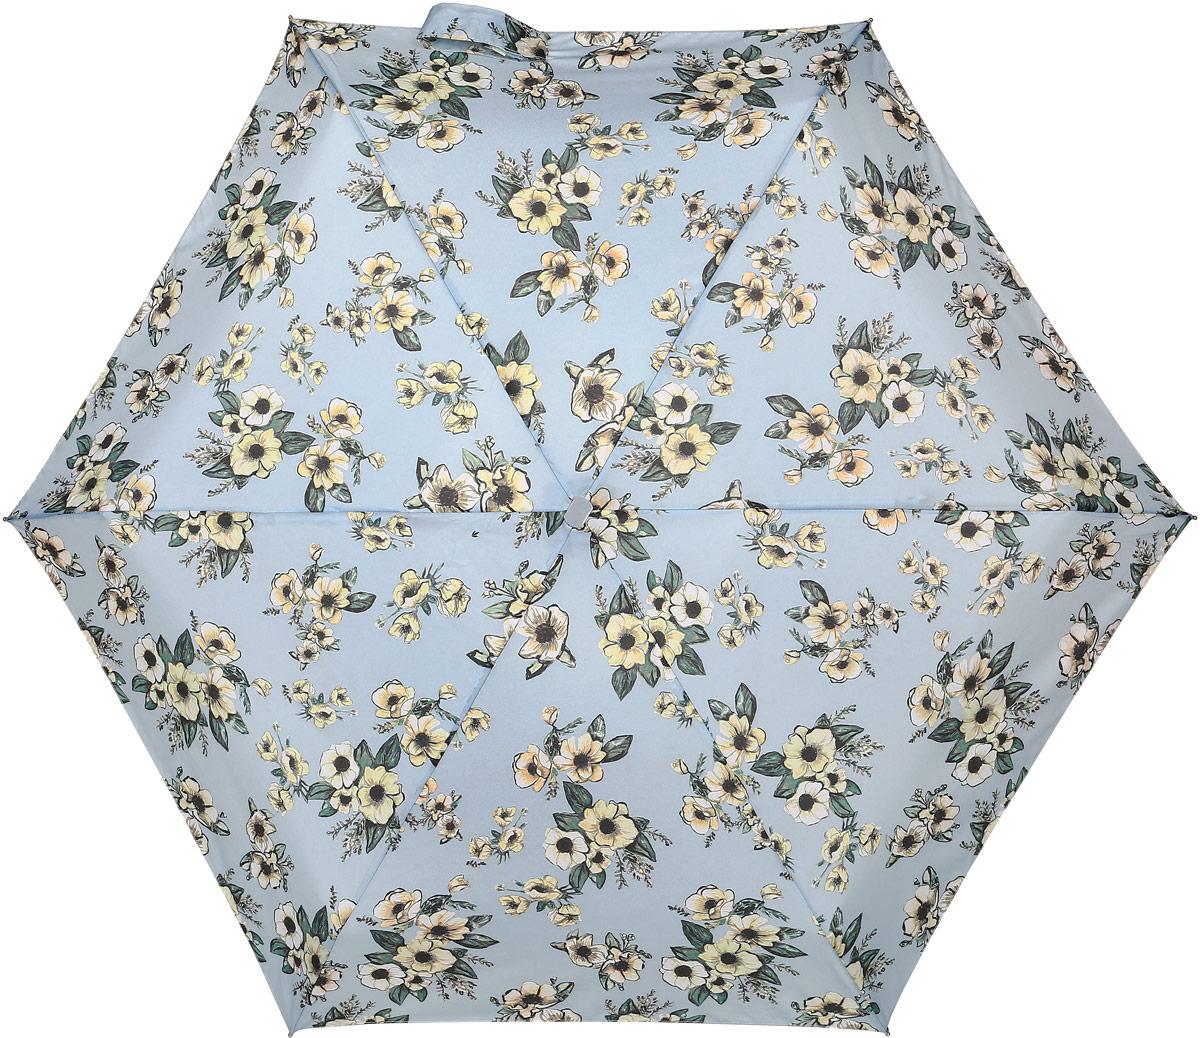 Зонт женский Fulton, механический, 5 сложений, цвет: голубой. L501-3368Колье (короткие одноярусные бусы)Стильный механический зонт Fulton имеет 5 сложений, даже в ненастную погоду позволит вам оставаться стильной. Легкий, но в тоже время прочный алюминиевый каркас состоит из шести спиц с элементами из фибергласса. Купол зонта выполнен из прочного полиэстера с водоотталкивающей пропиткой. Рукоятка закругленной формы, разработанная с учетом требований эргономики, выполнена из дерева. Зонт имеет механический способ сложения: и купол, и стержень открываются и закрываются вручную до характерного щелчка.